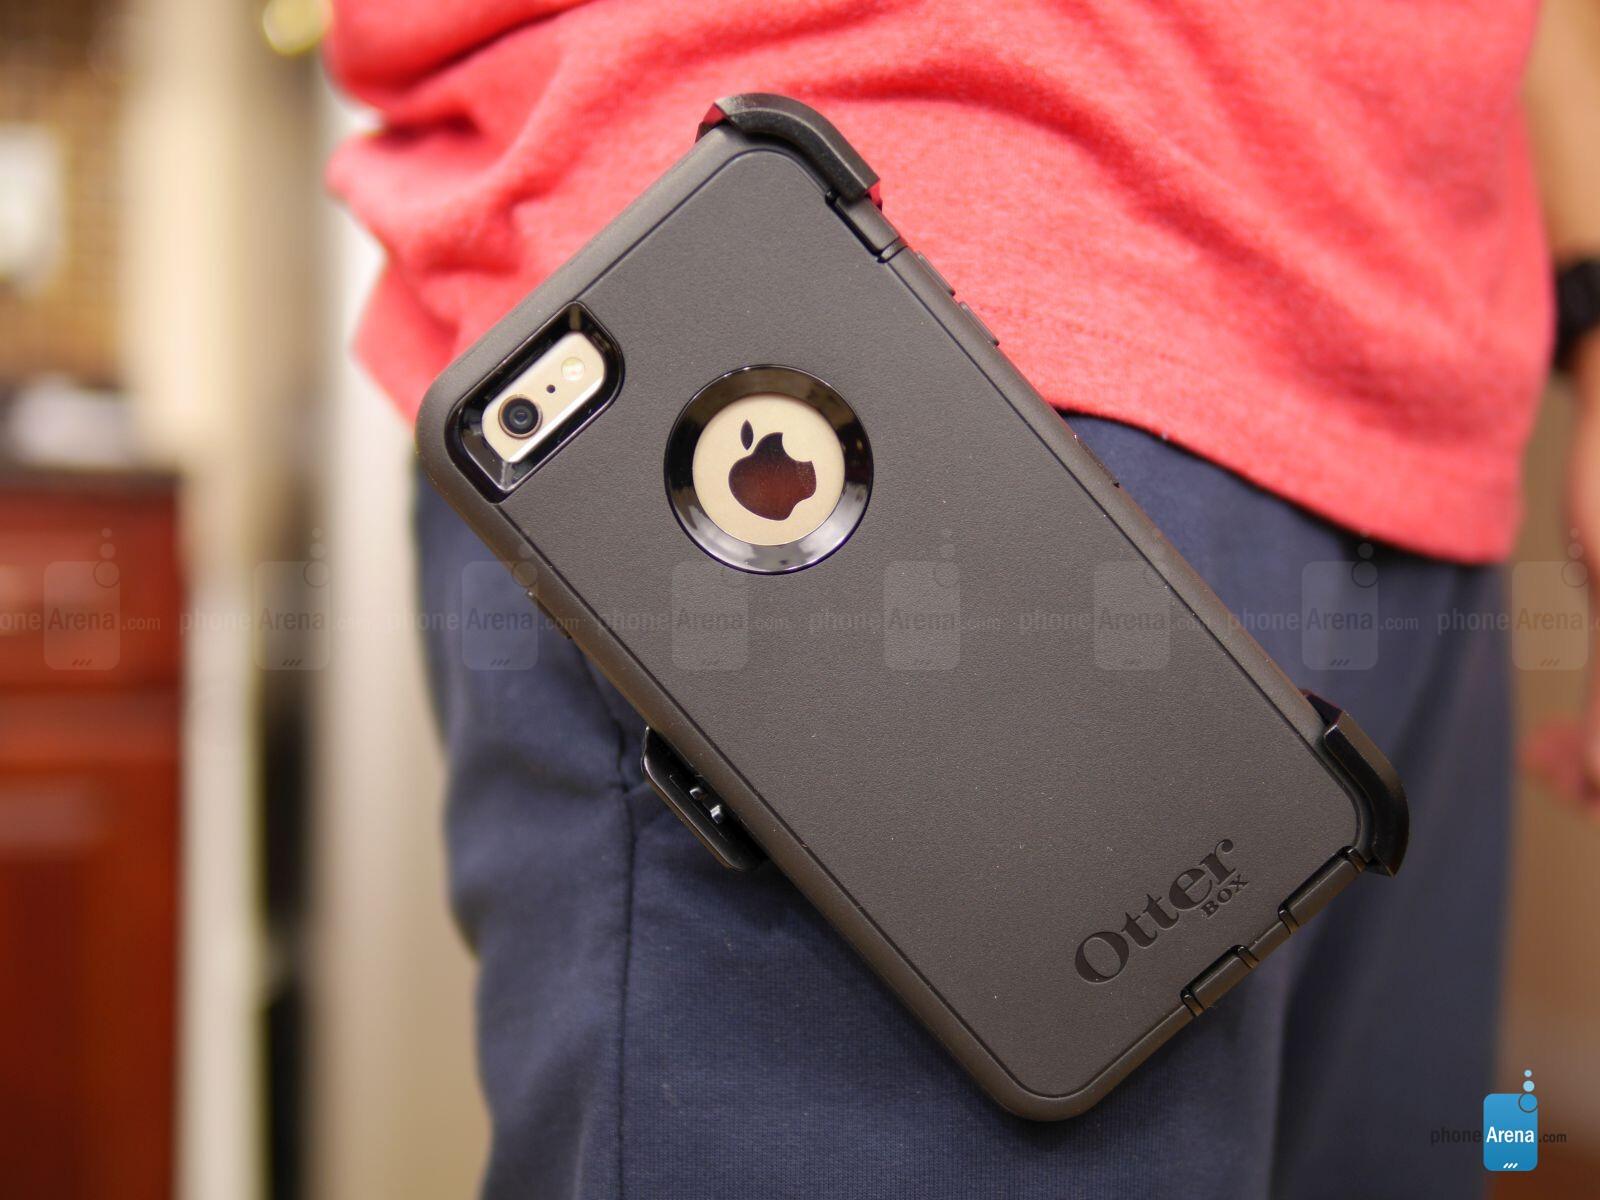 iPhone 6 OtterBox Defender Plus